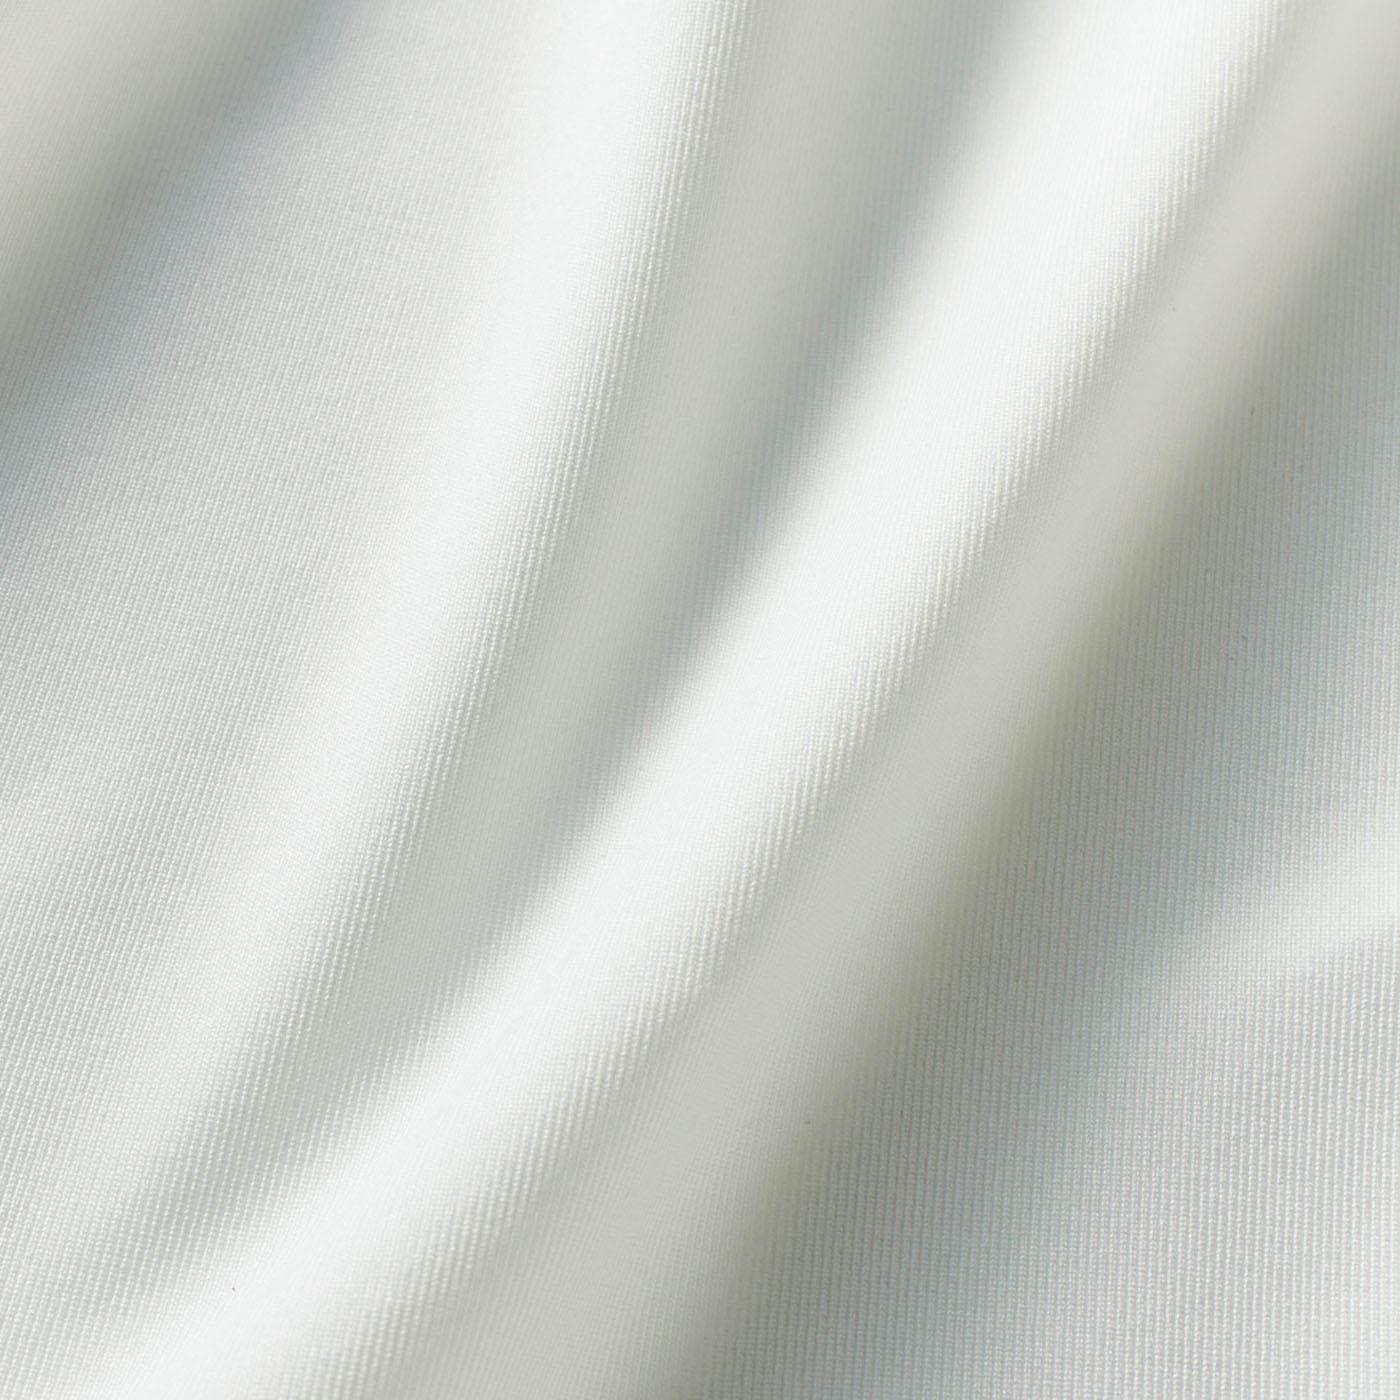 年中蒸れにくい薄手の吸汗速乾素材。